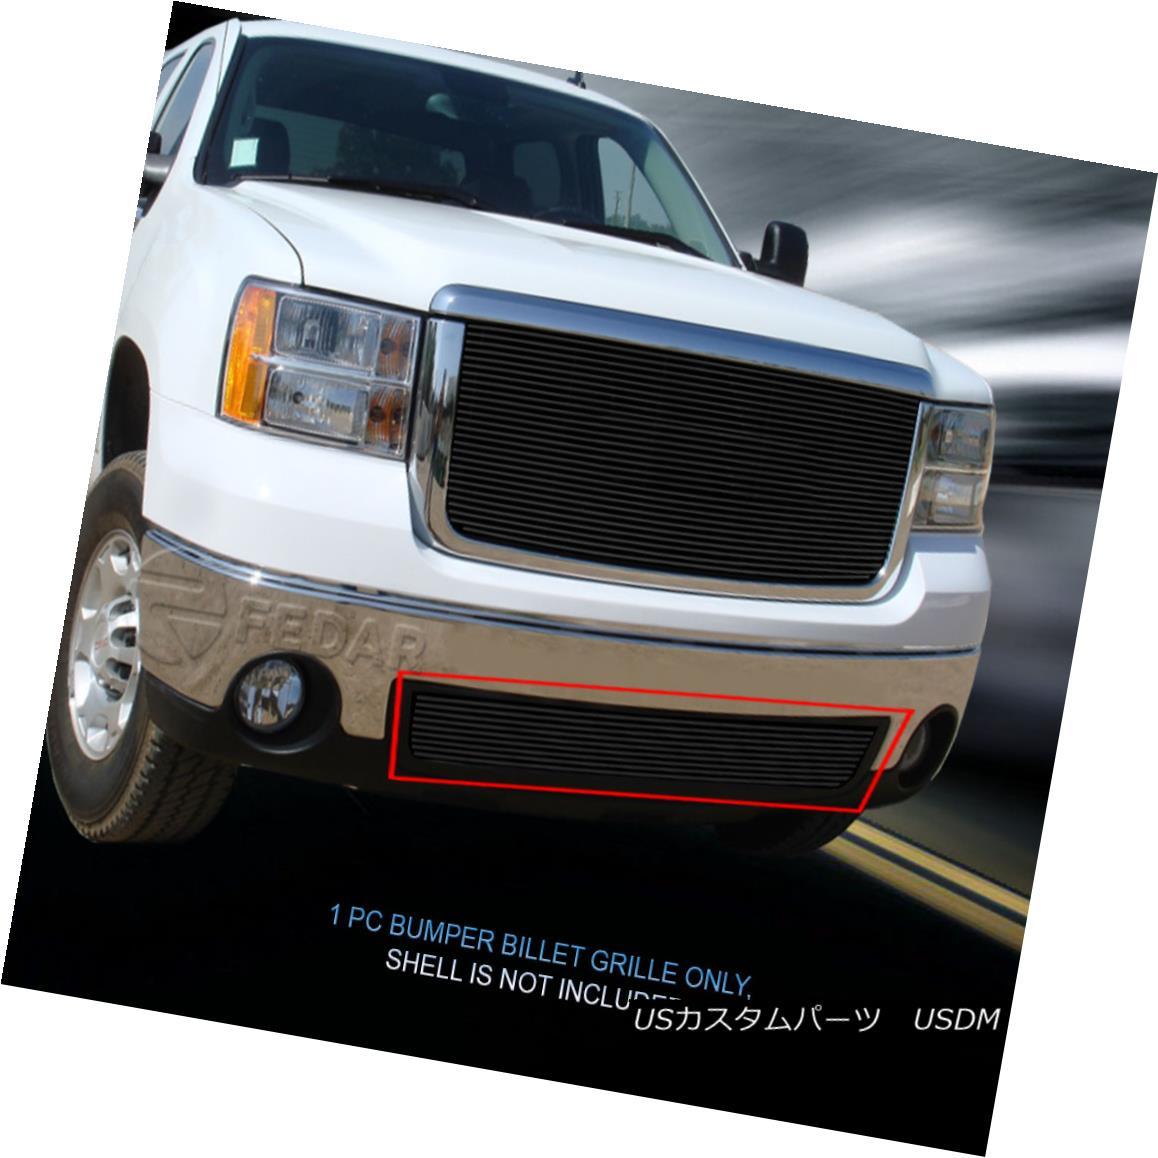 Grille 1 GMC PC 07-13 Sierra グリル Black 07-13 For Billet Sierra/07-10 Fedar 07-10デナリブラックビレットグリルバンパーインサート1 Insert GMC PC / Bumper Denali Fedar